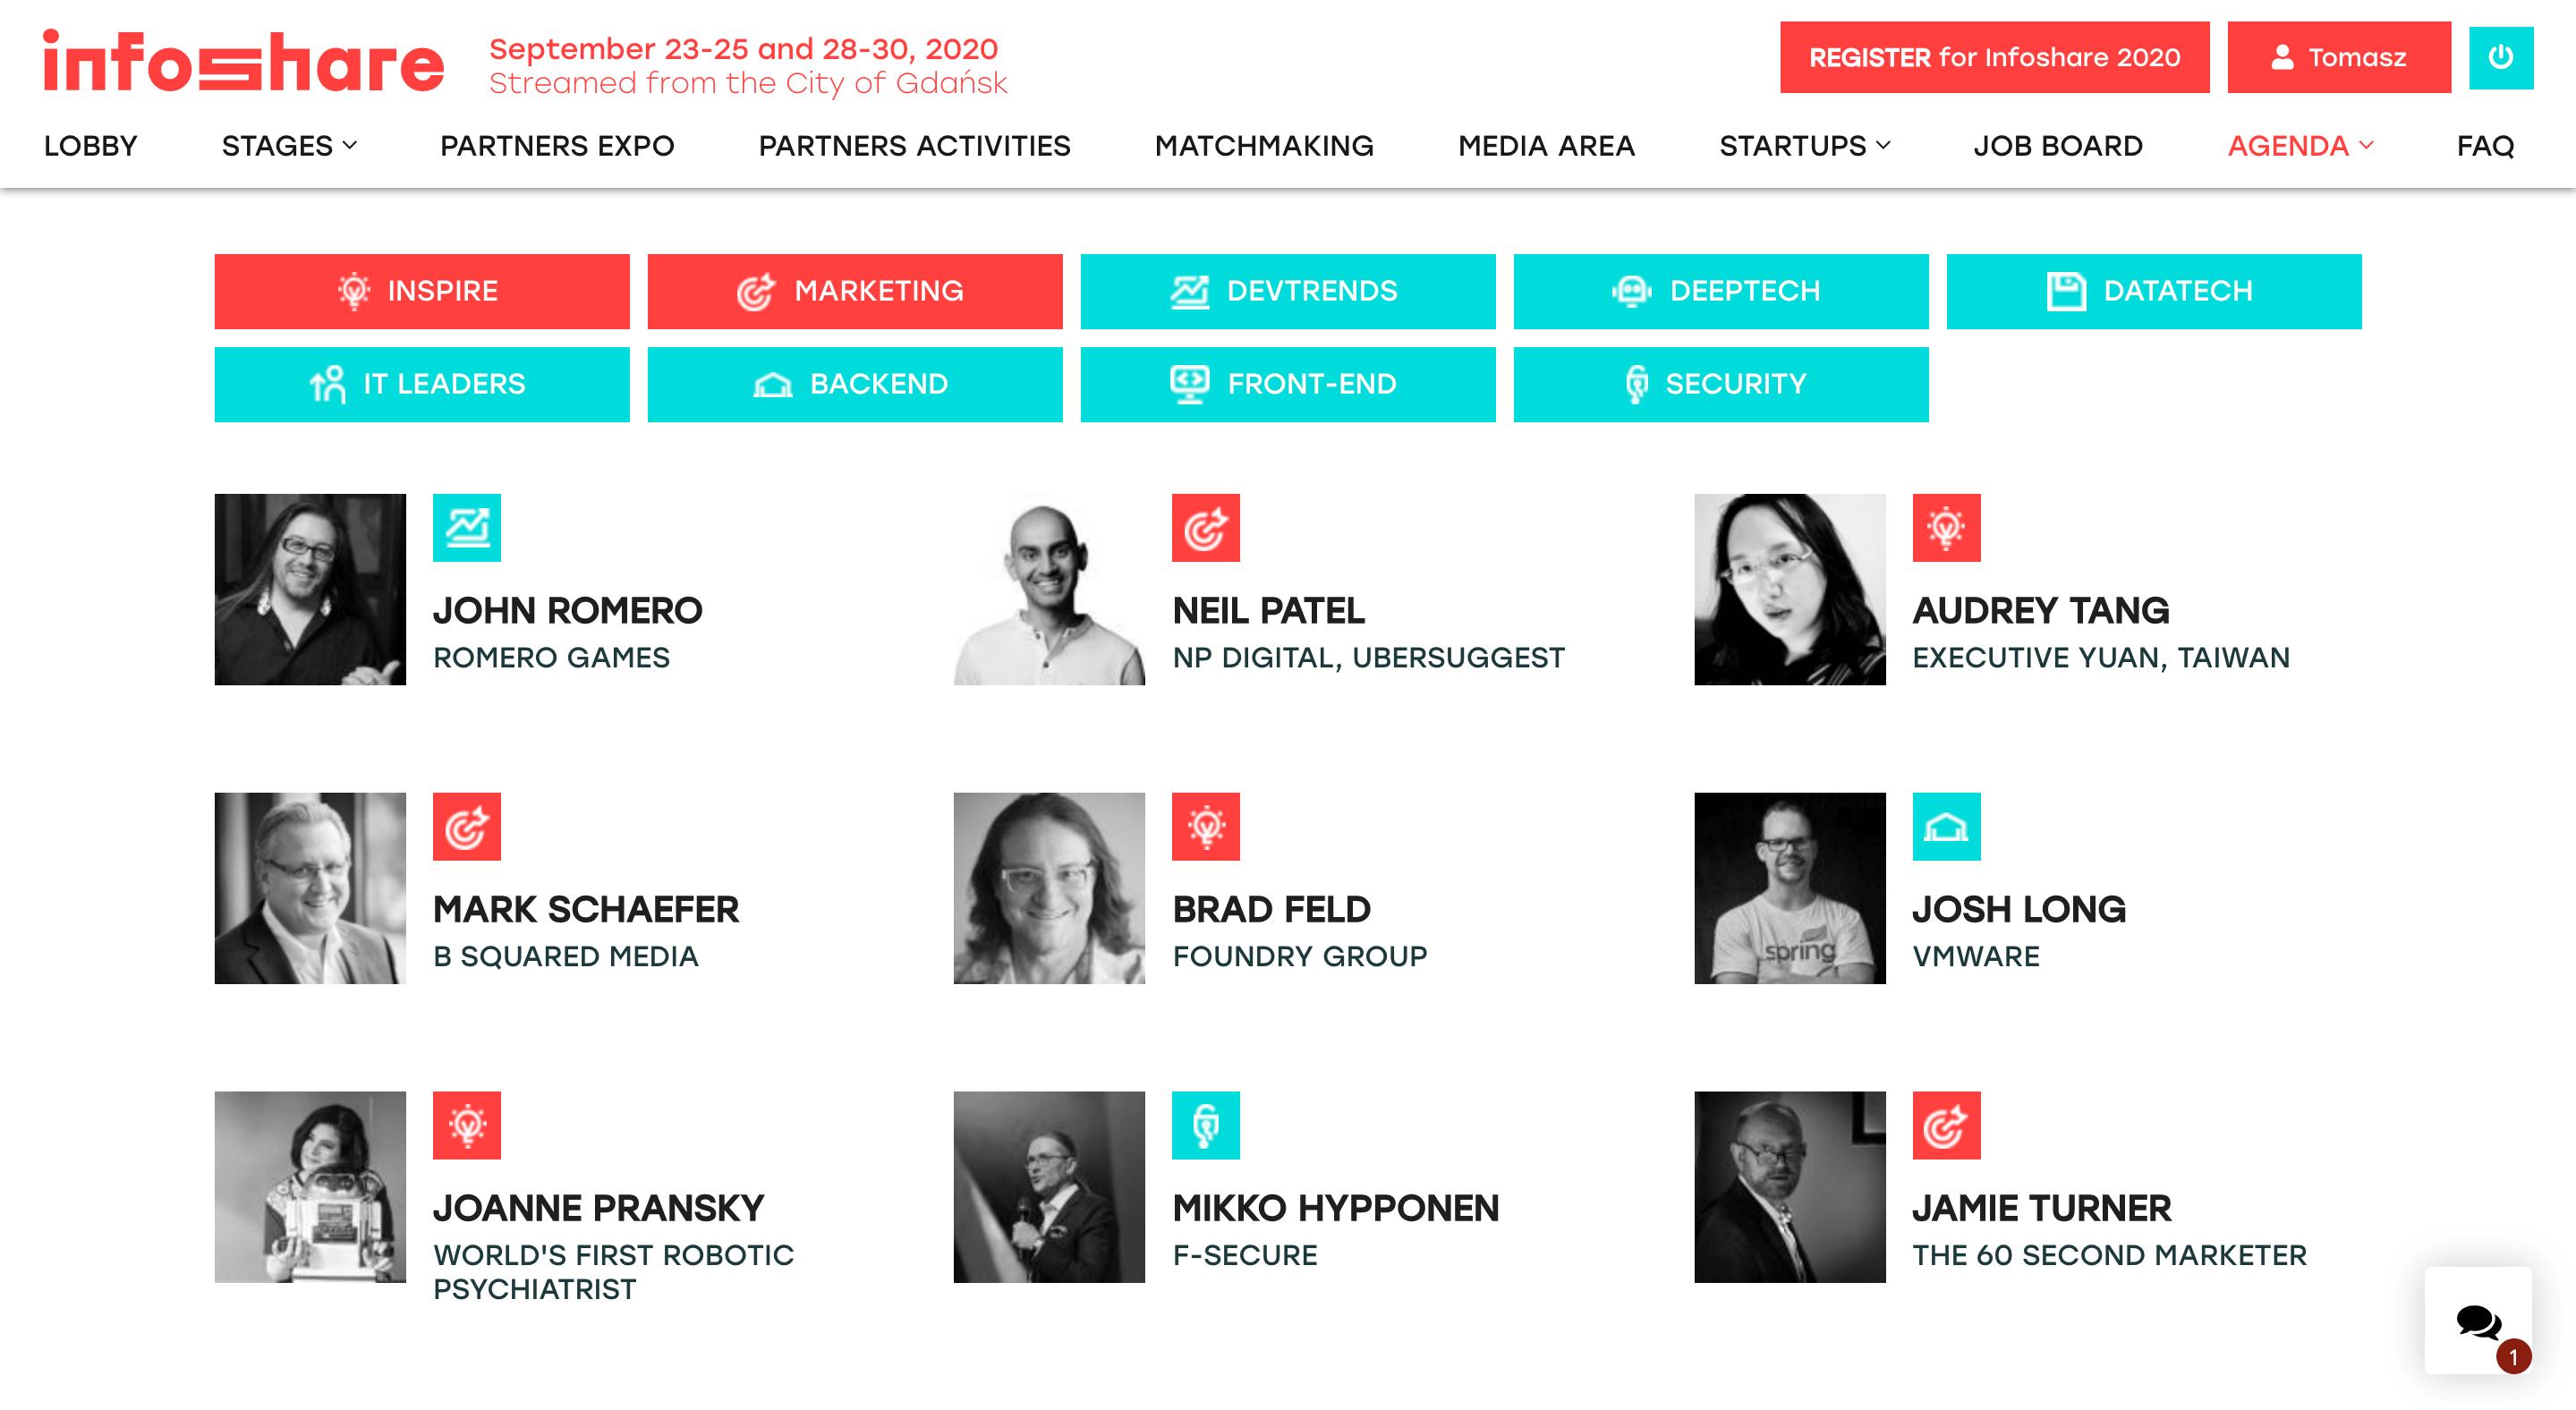 Lista prelegentów występujących podczas Infoshare 2020